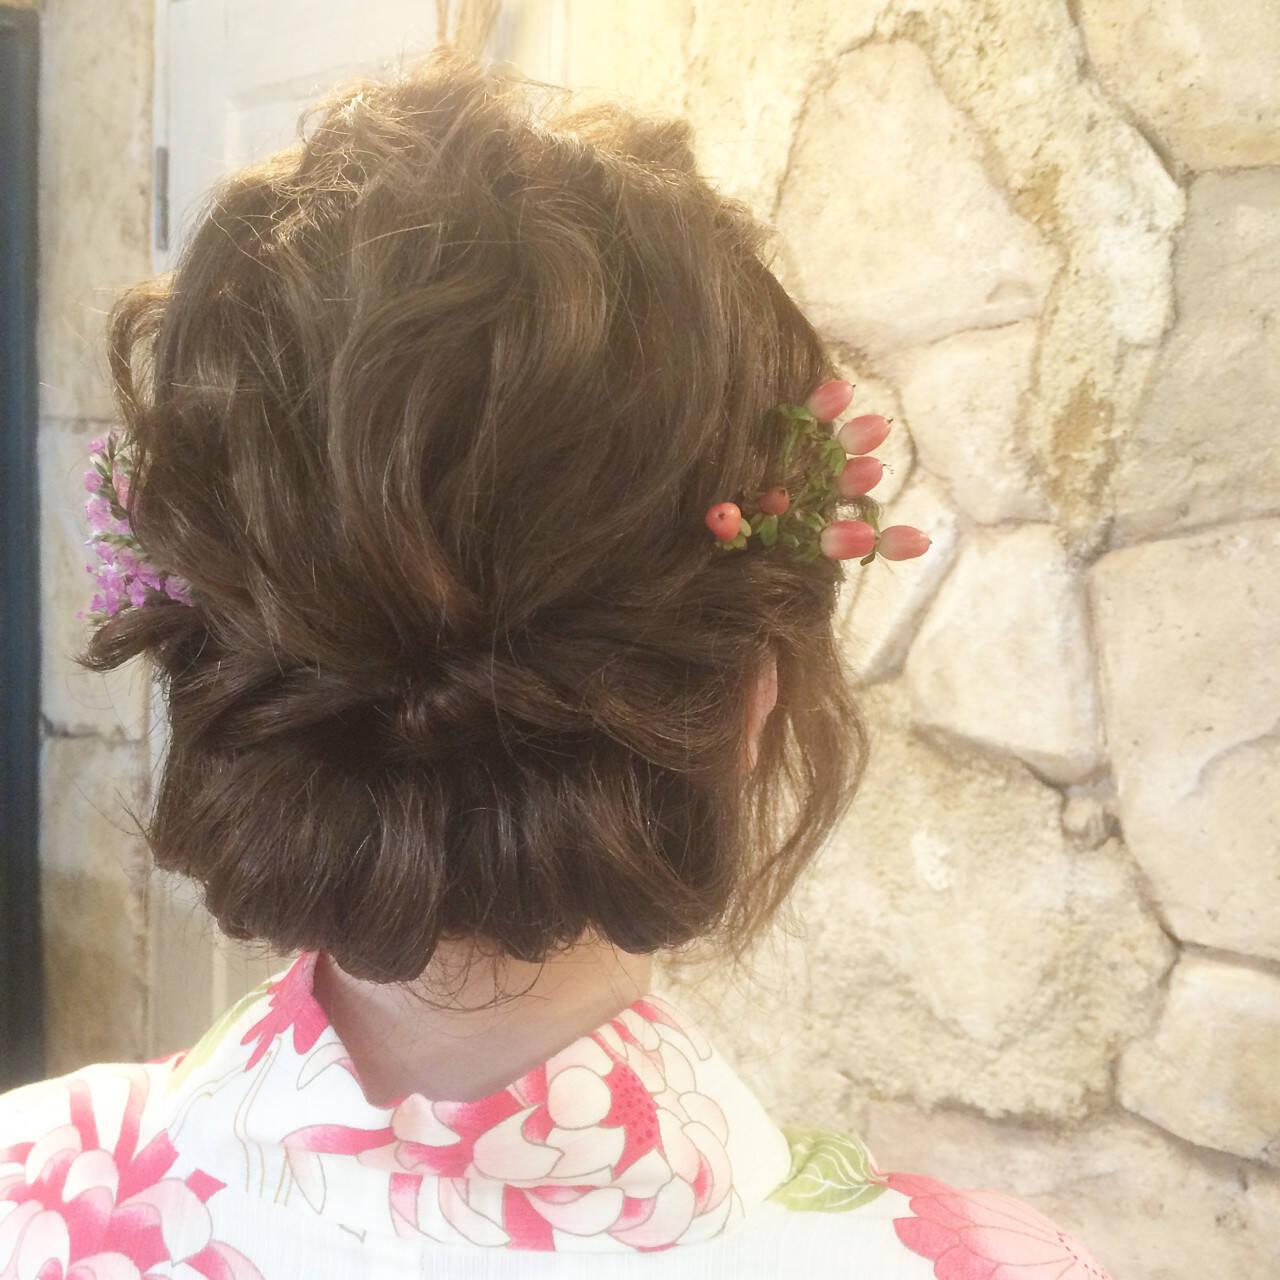 花火大会 お祭り 和装 ヘアアレンジヘアスタイルや髪型の写真・画像